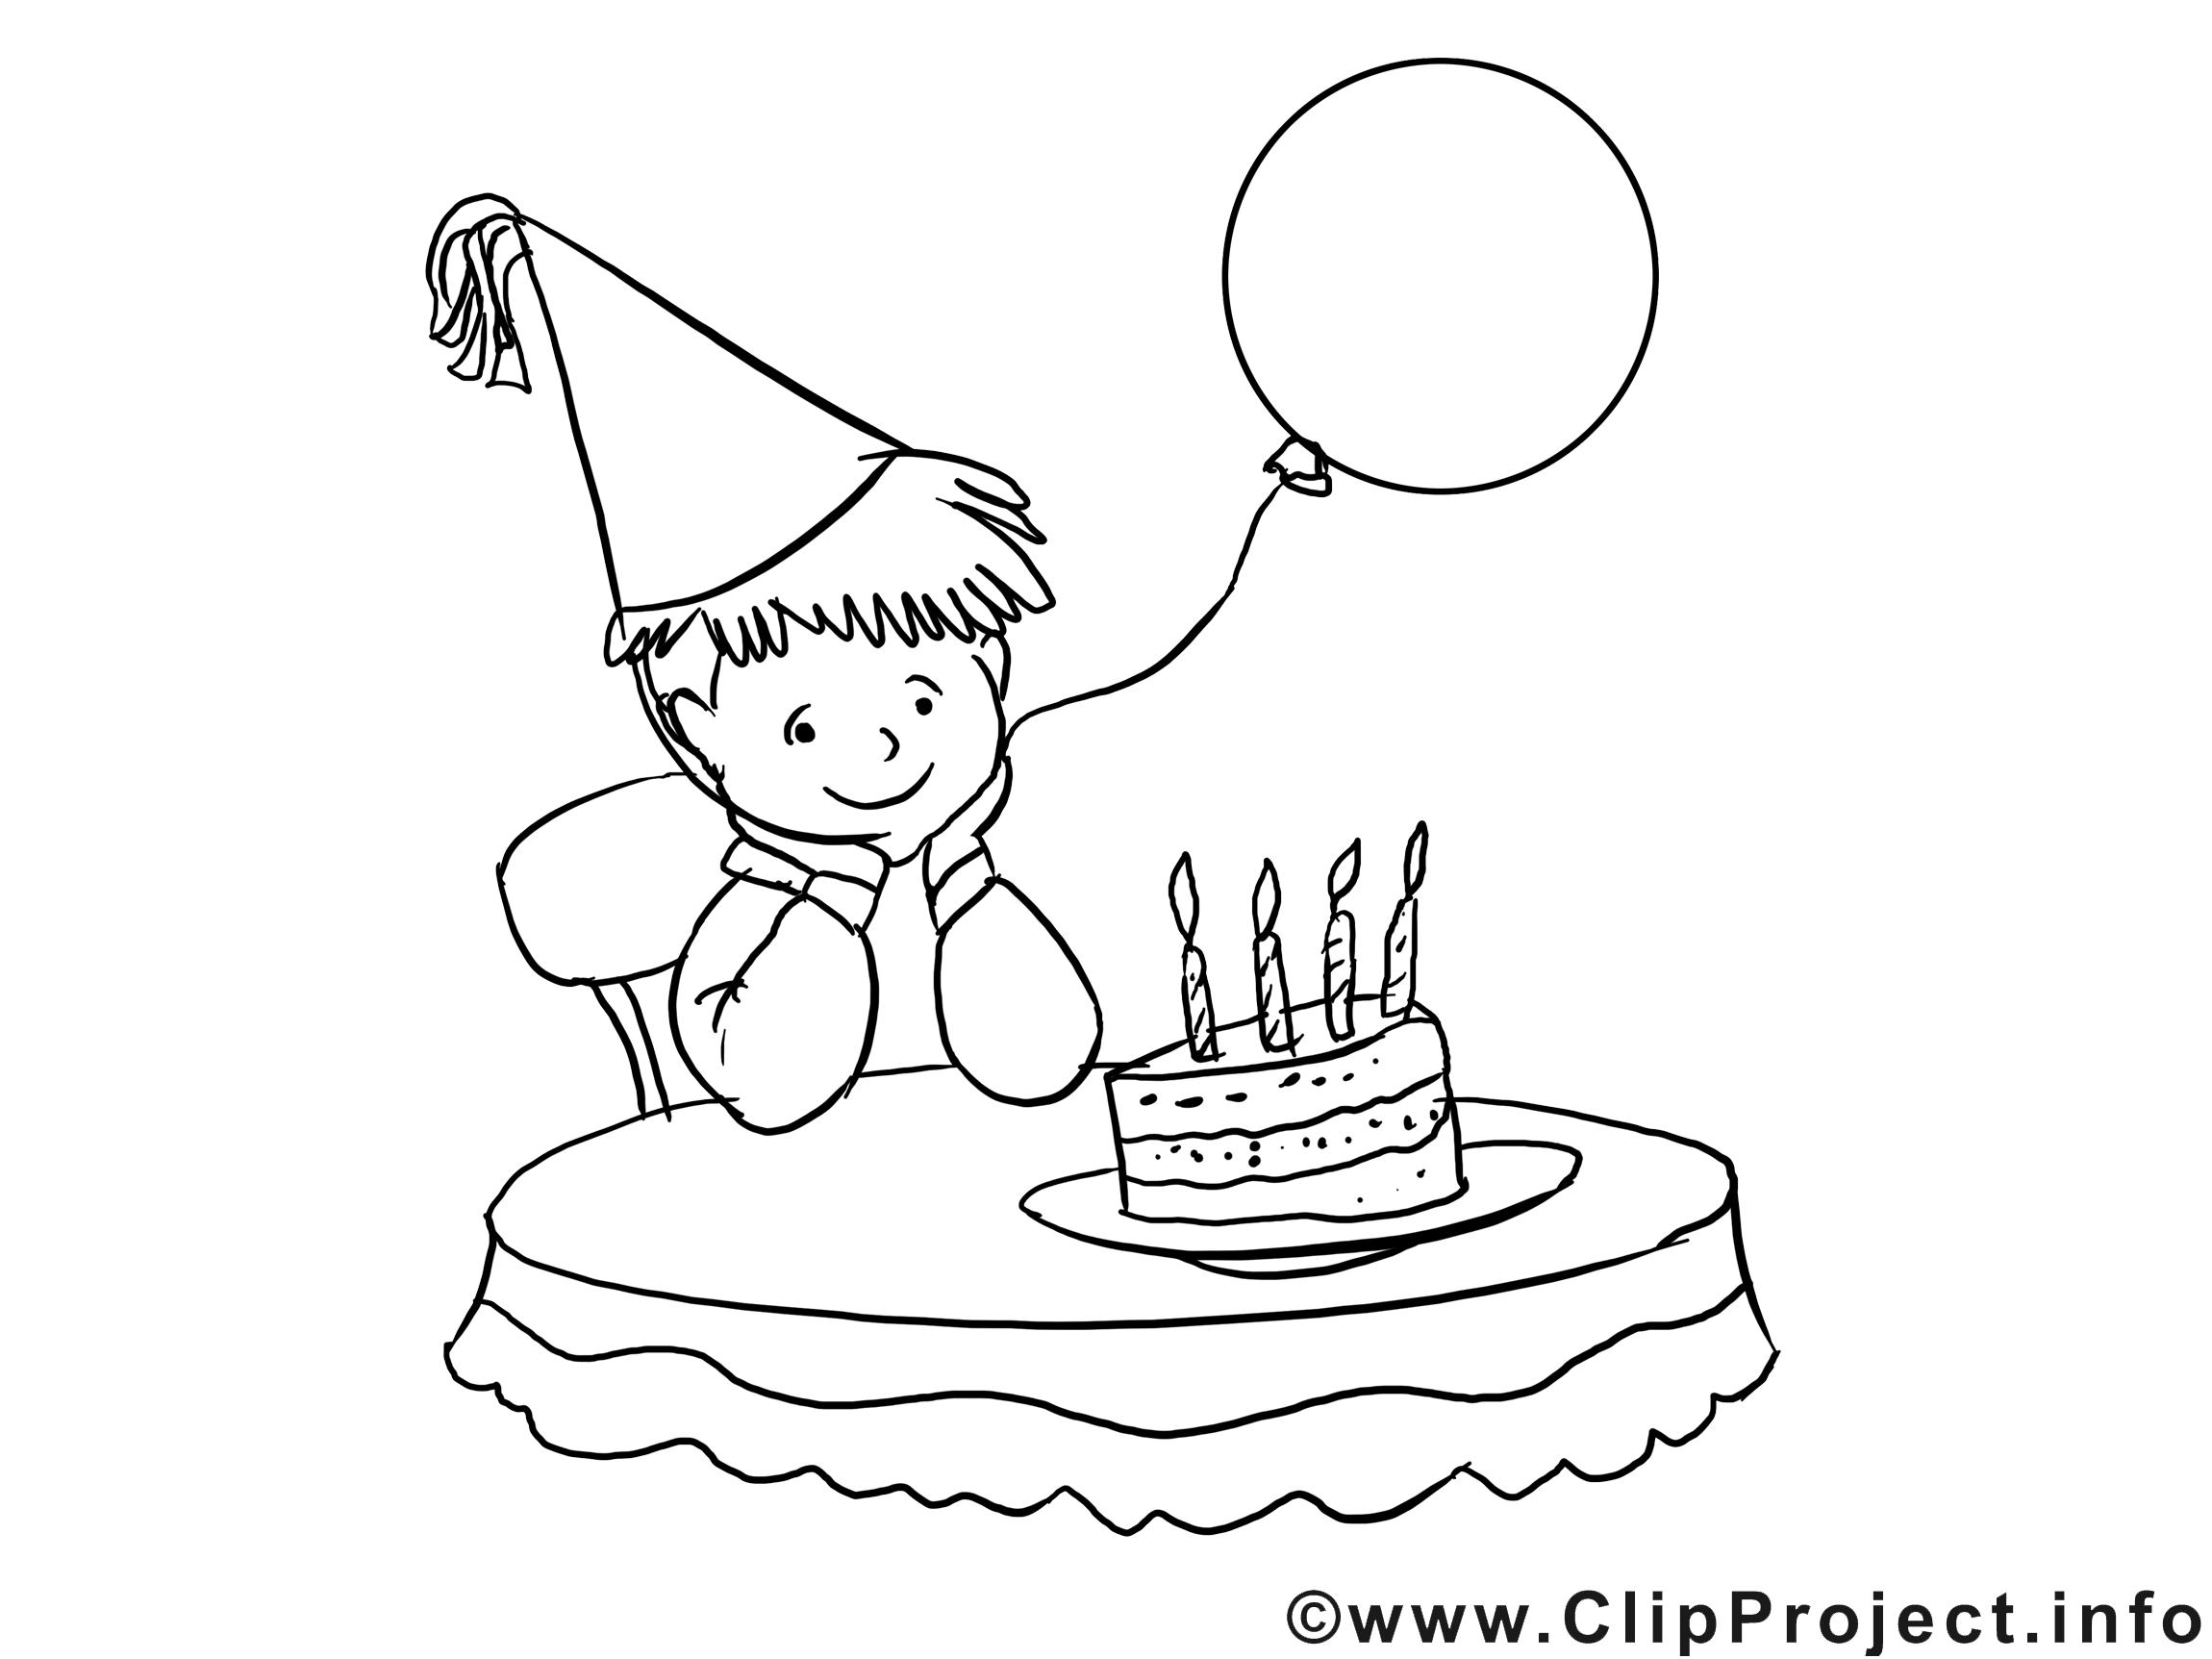 Malvorlage Geburtstag   Geburtstag malvorlagen, Kostenlose ...